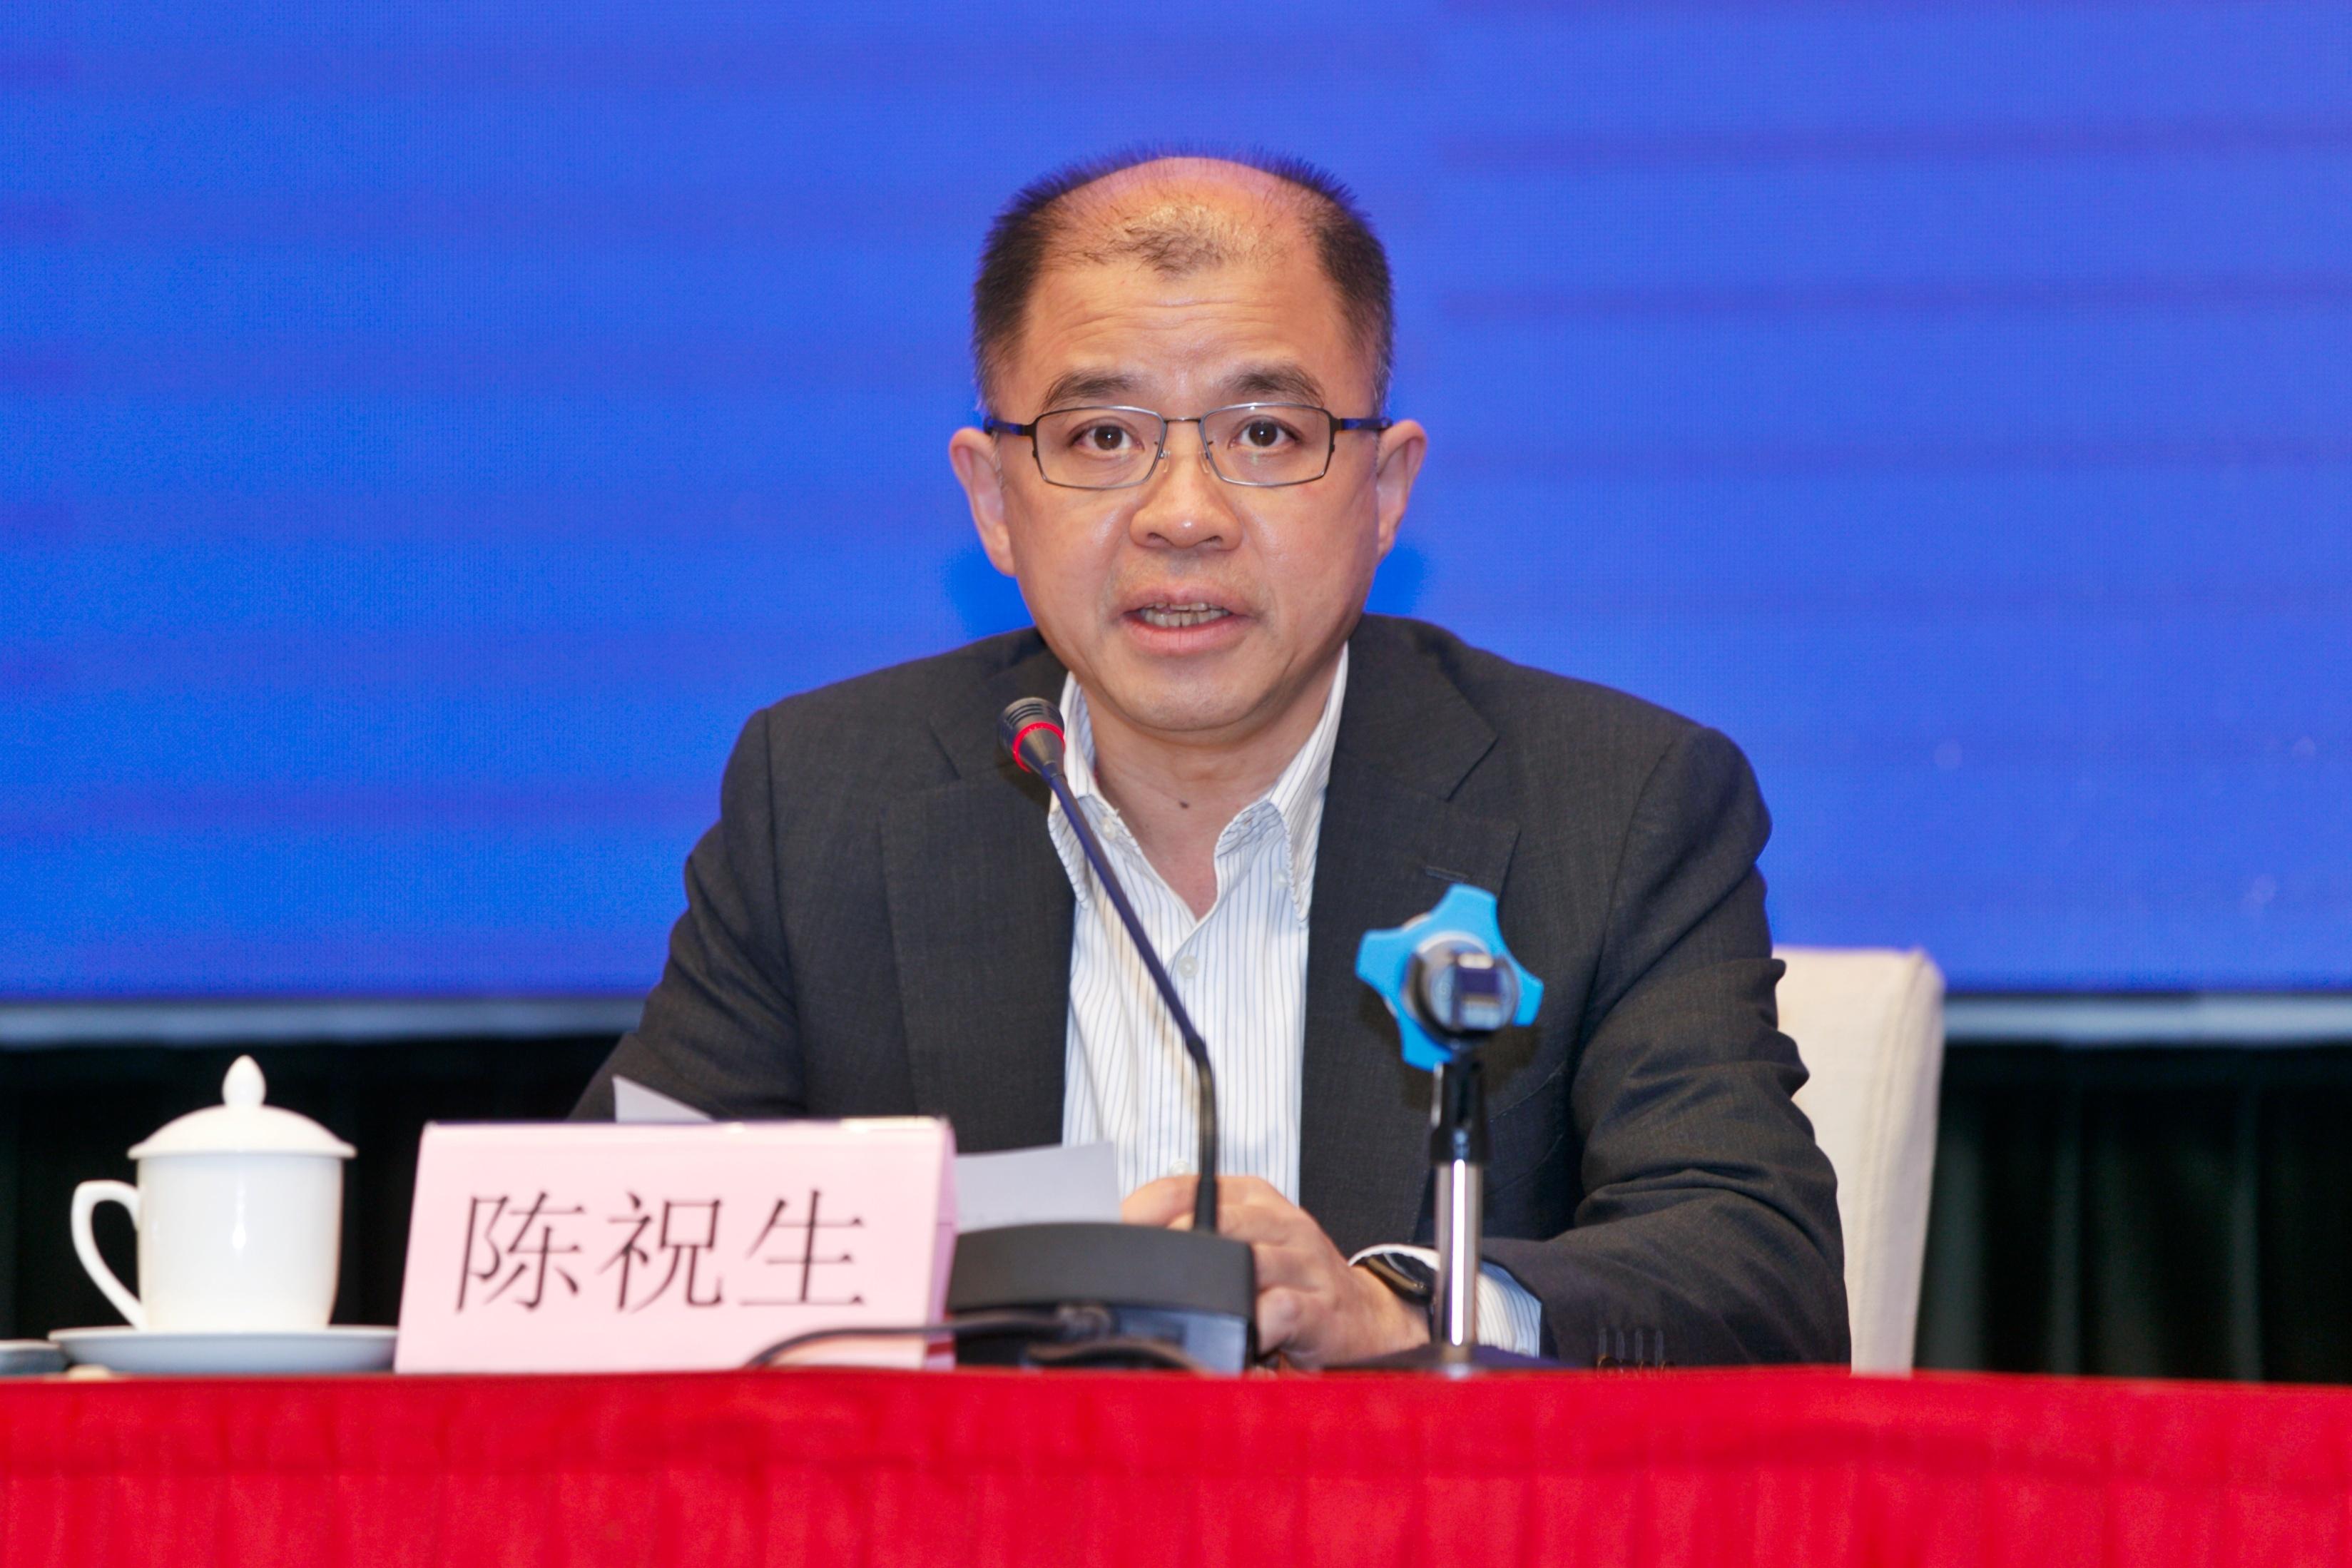 廣東省衛健委:調整響應級別,不代表疫情拐點到來